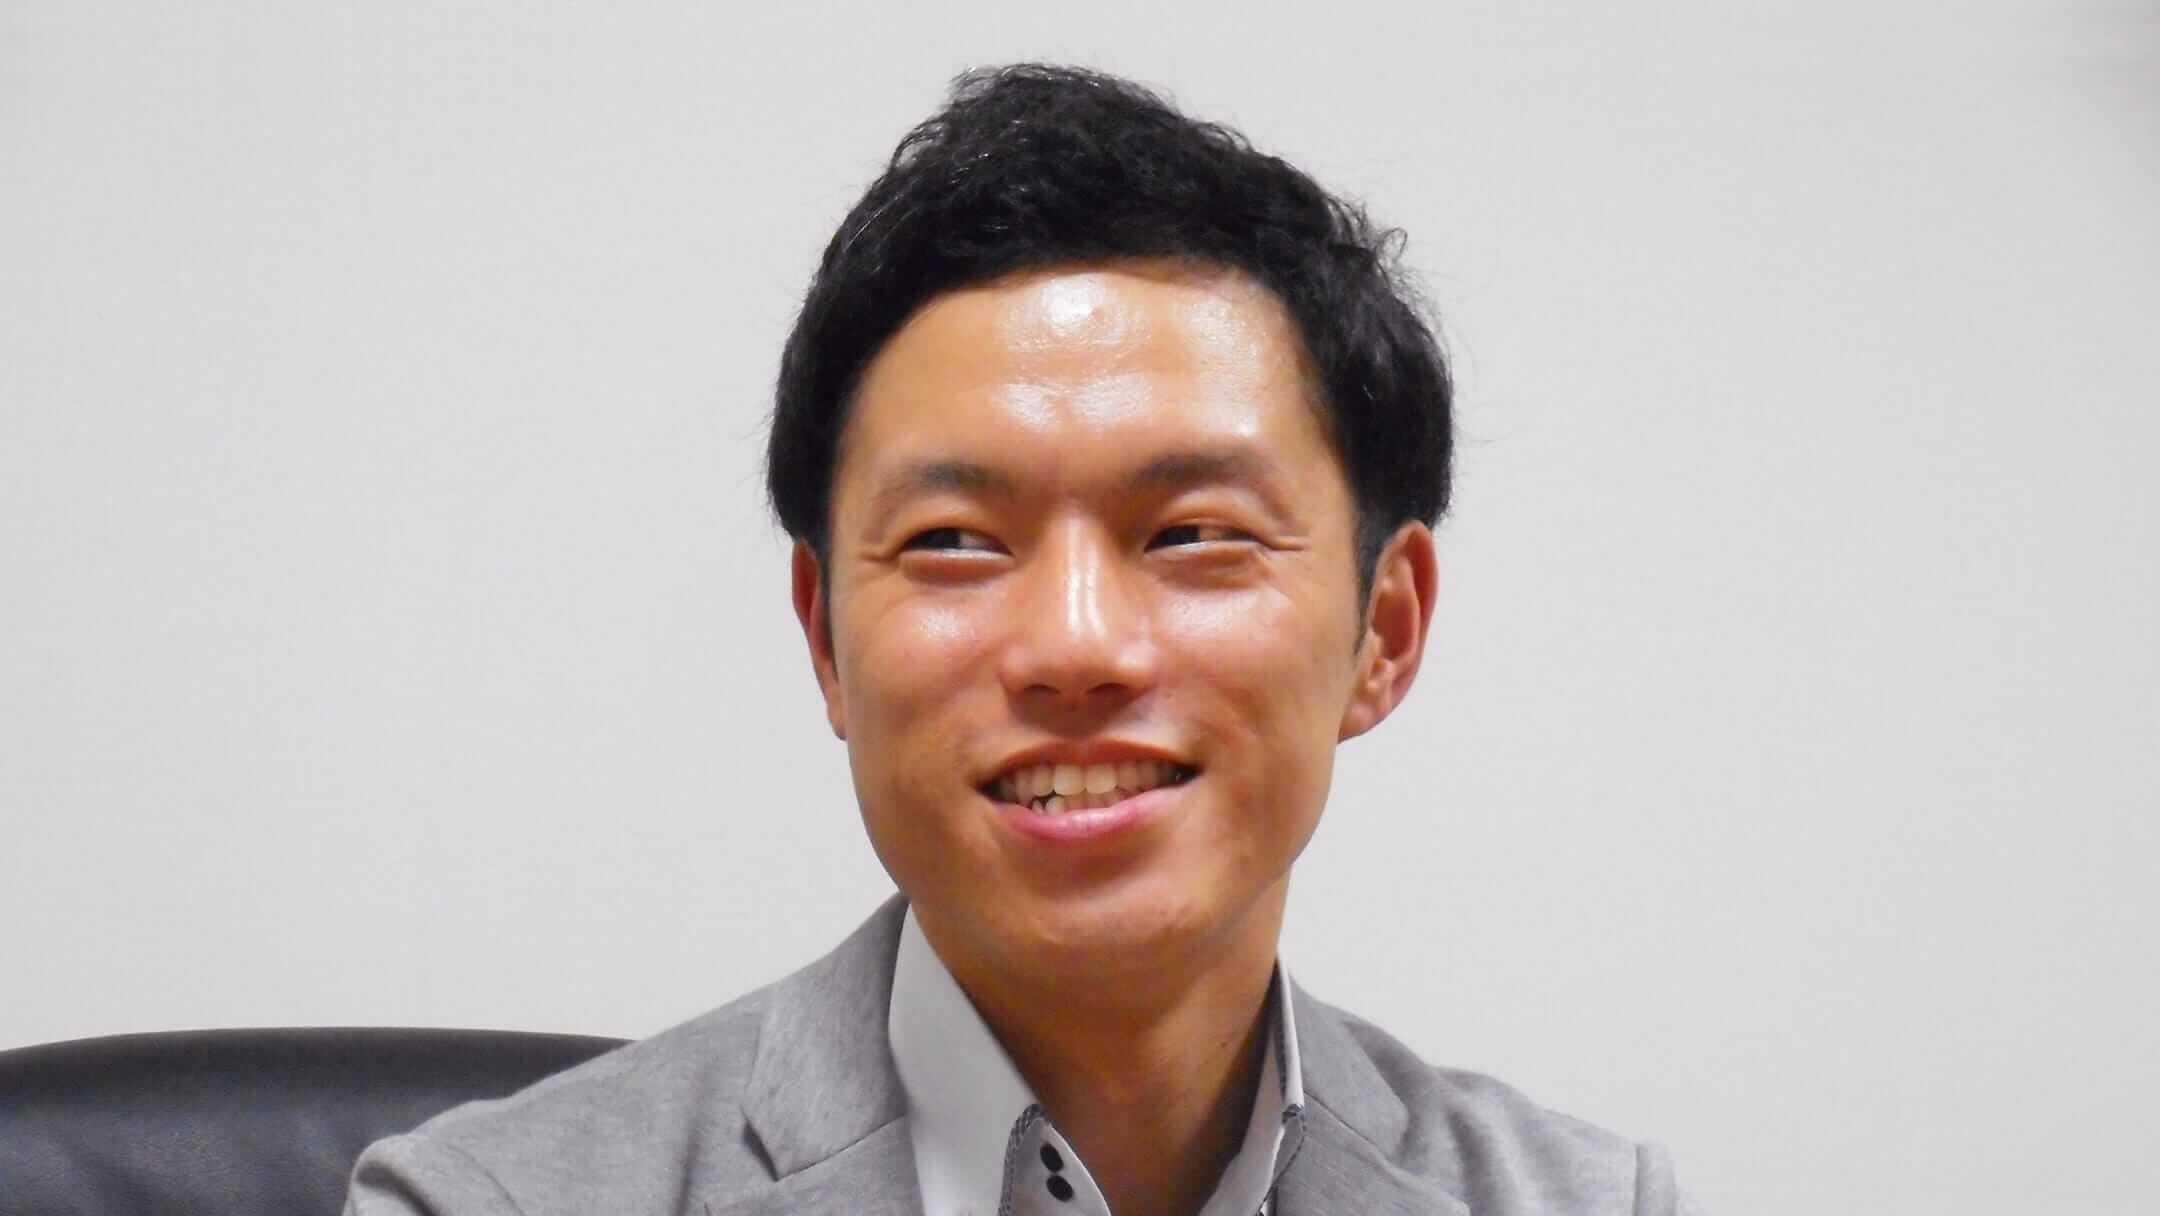 味の素株式会社 広域営業部 開発営業グループ EC担当 中塚 昌典 様